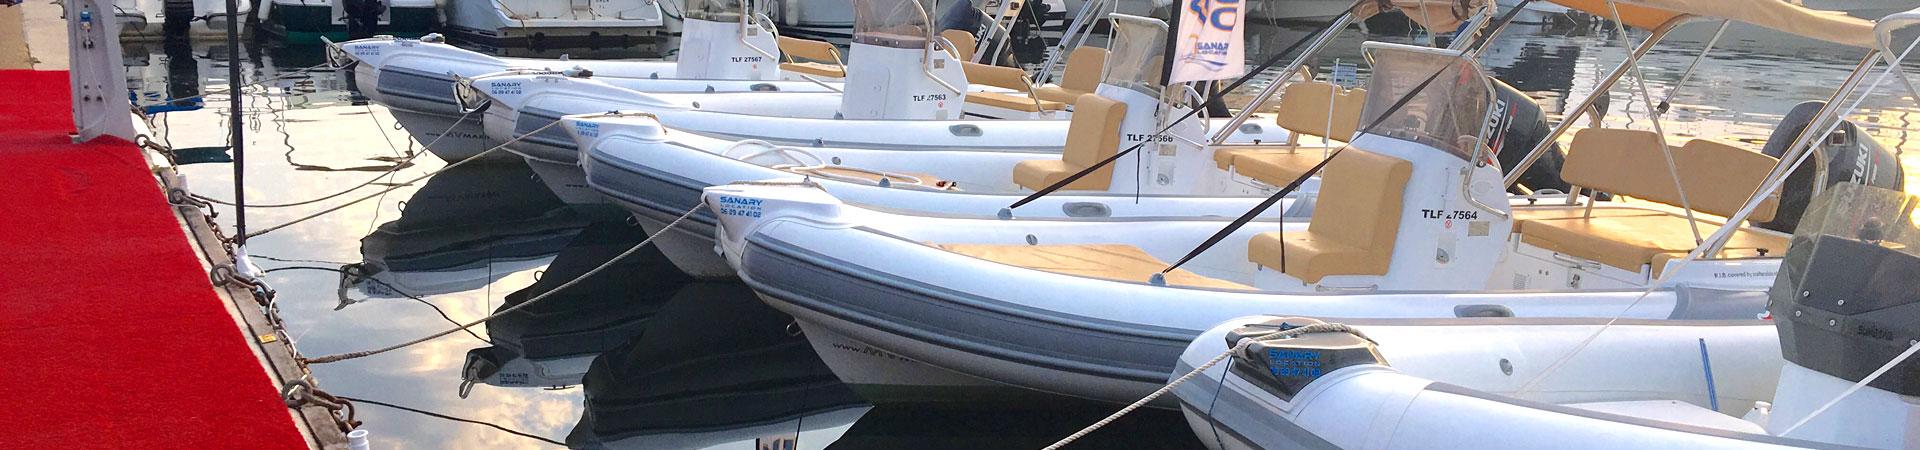 Location bateau Sanary Bandol Six-Fours